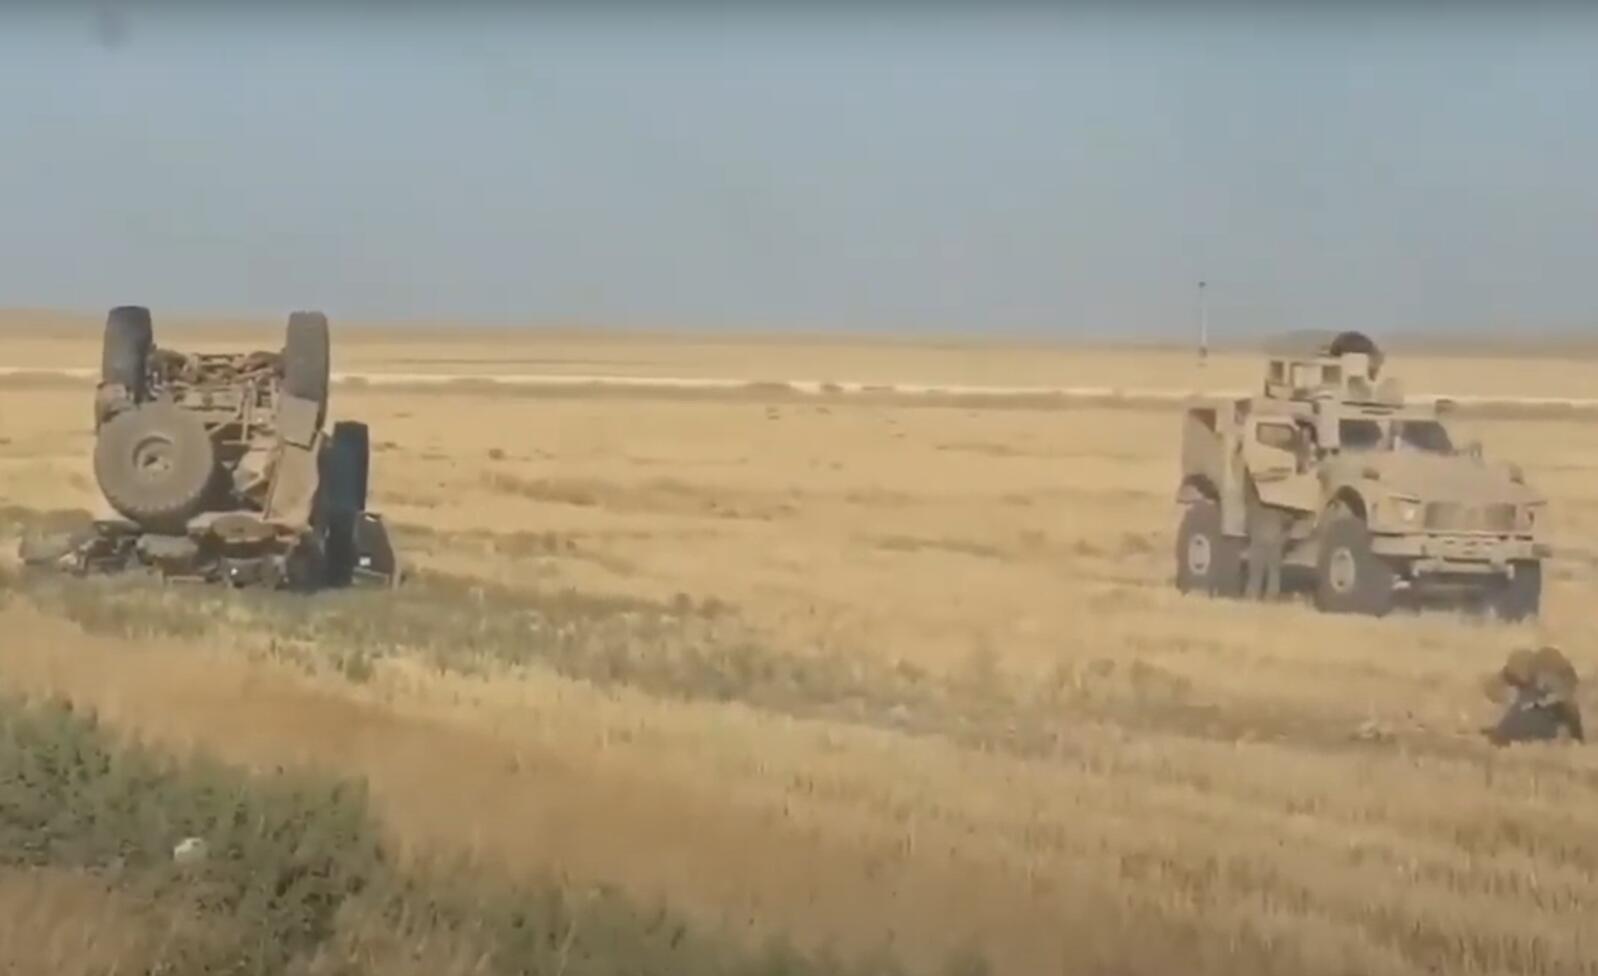 美军著名特种部队在叙利亚翻车 多名队员受伤(图)